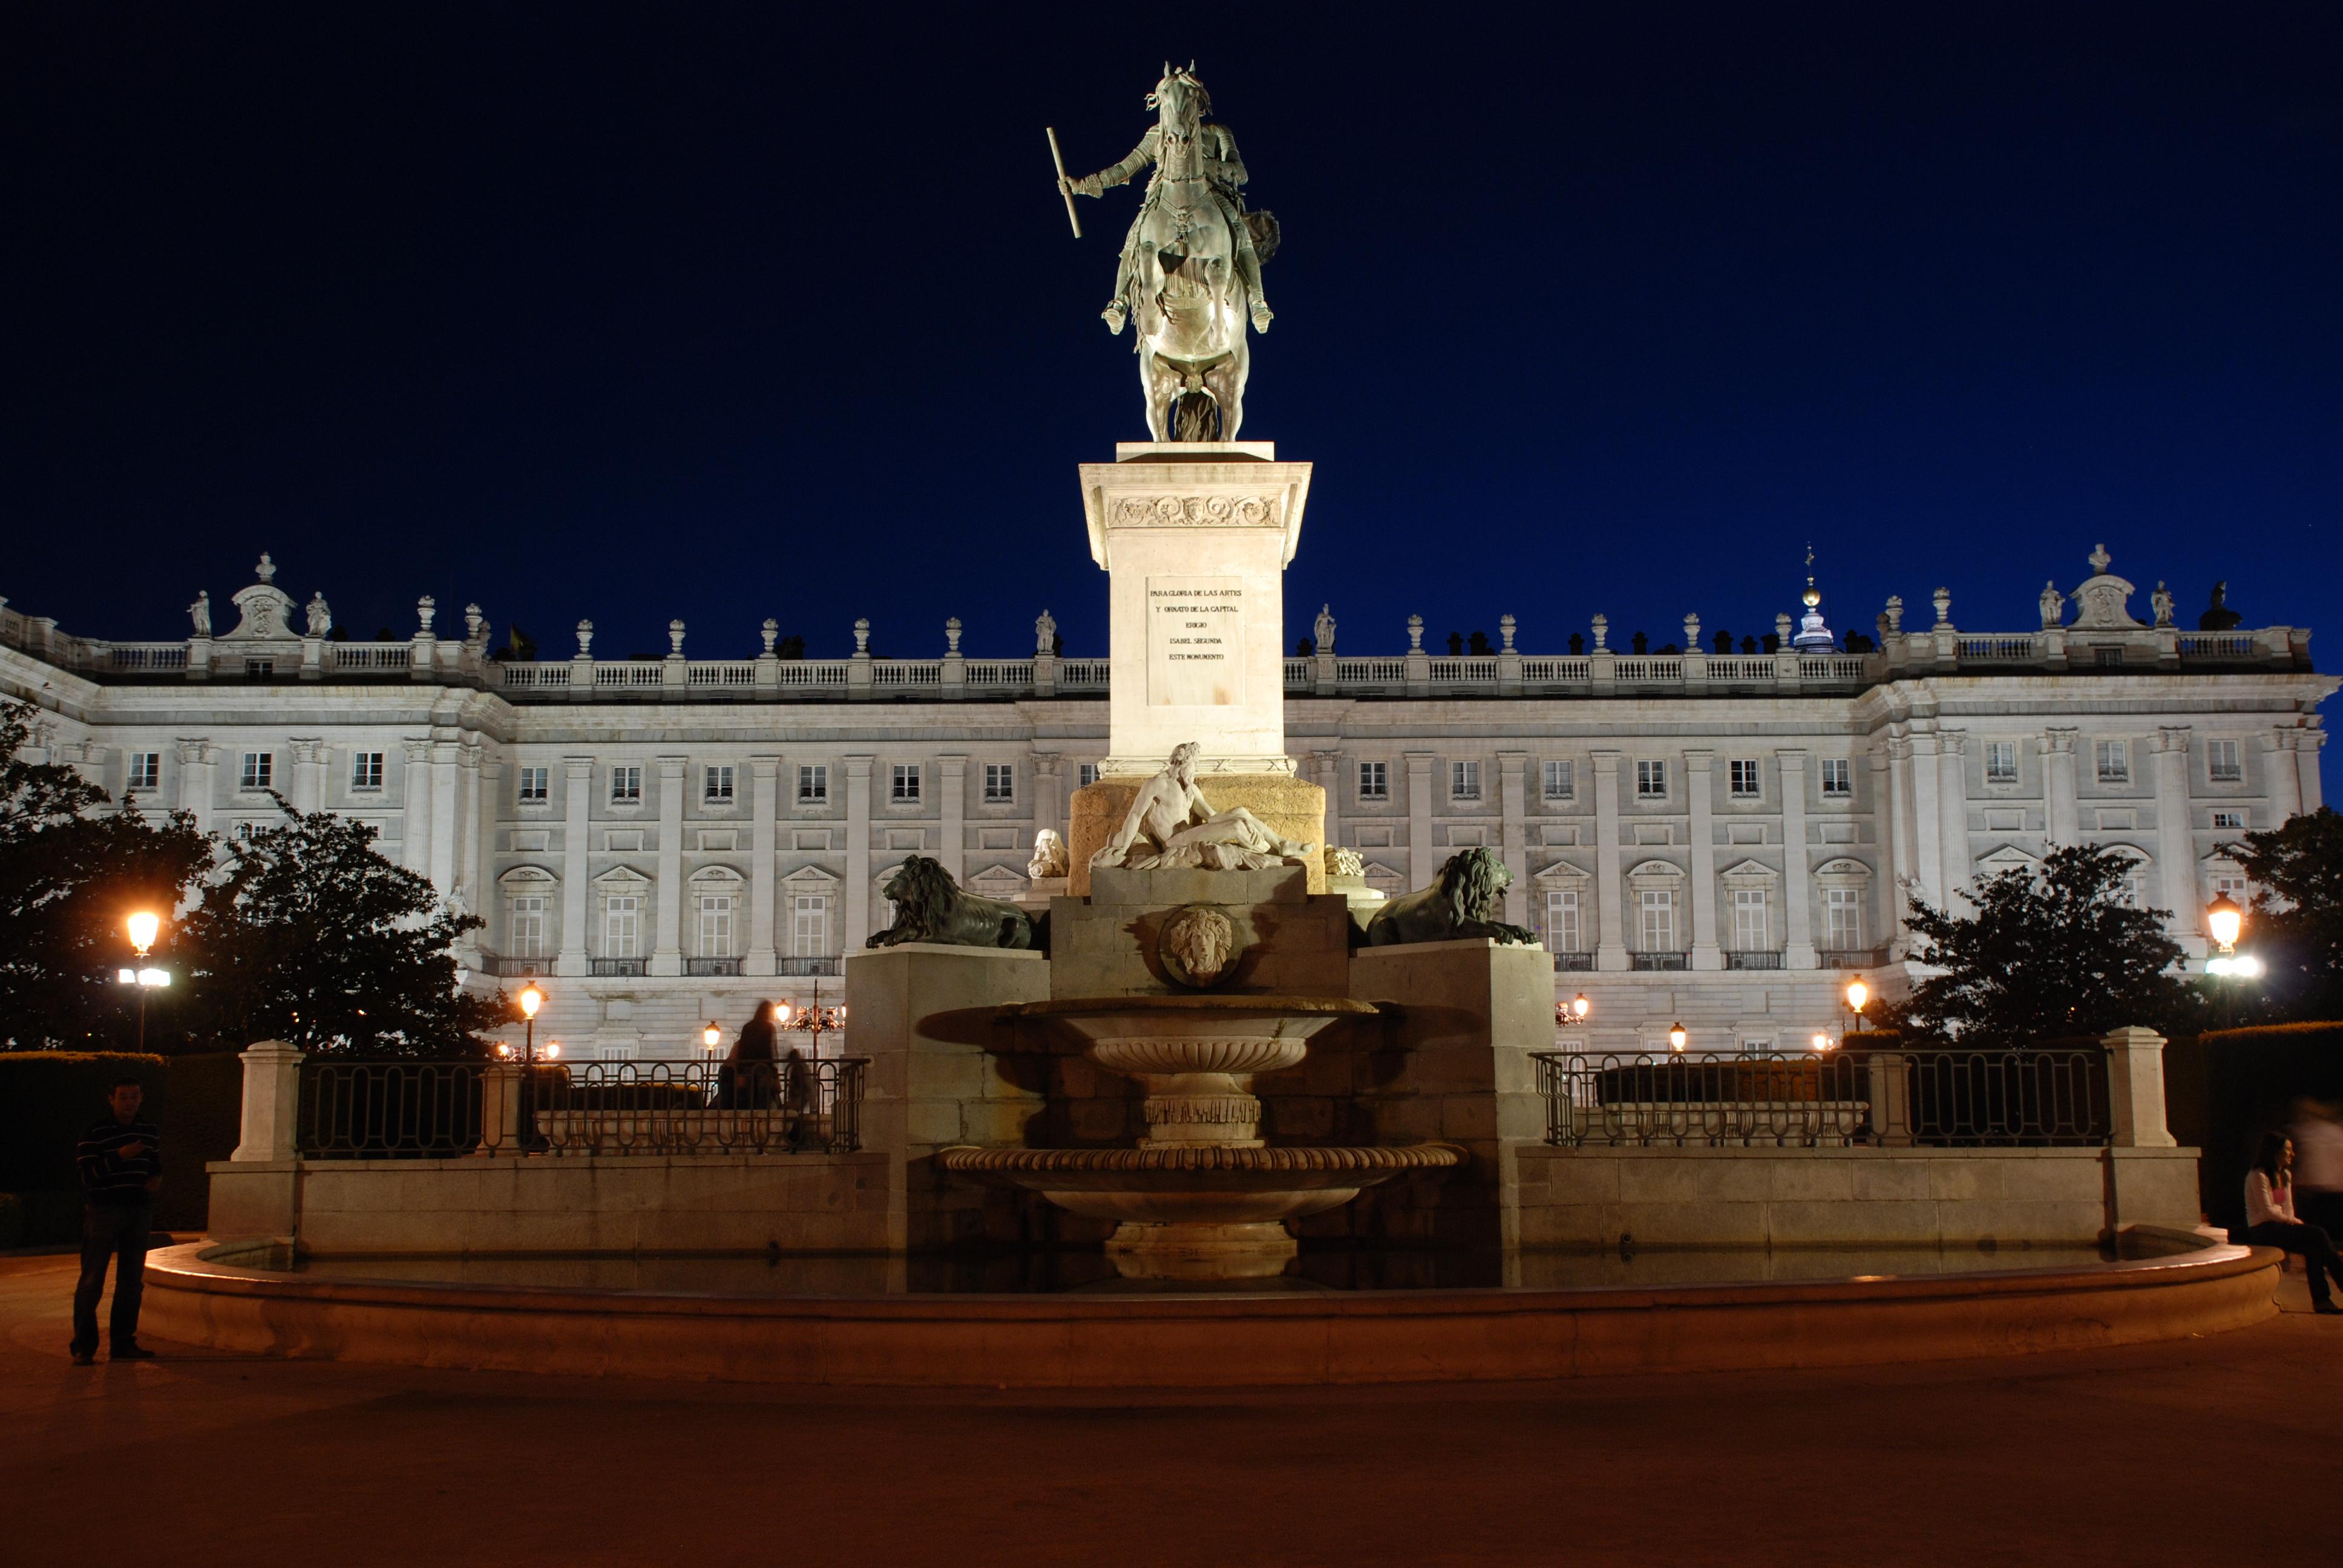 File:Madrid Royal Palace at Night.JPG